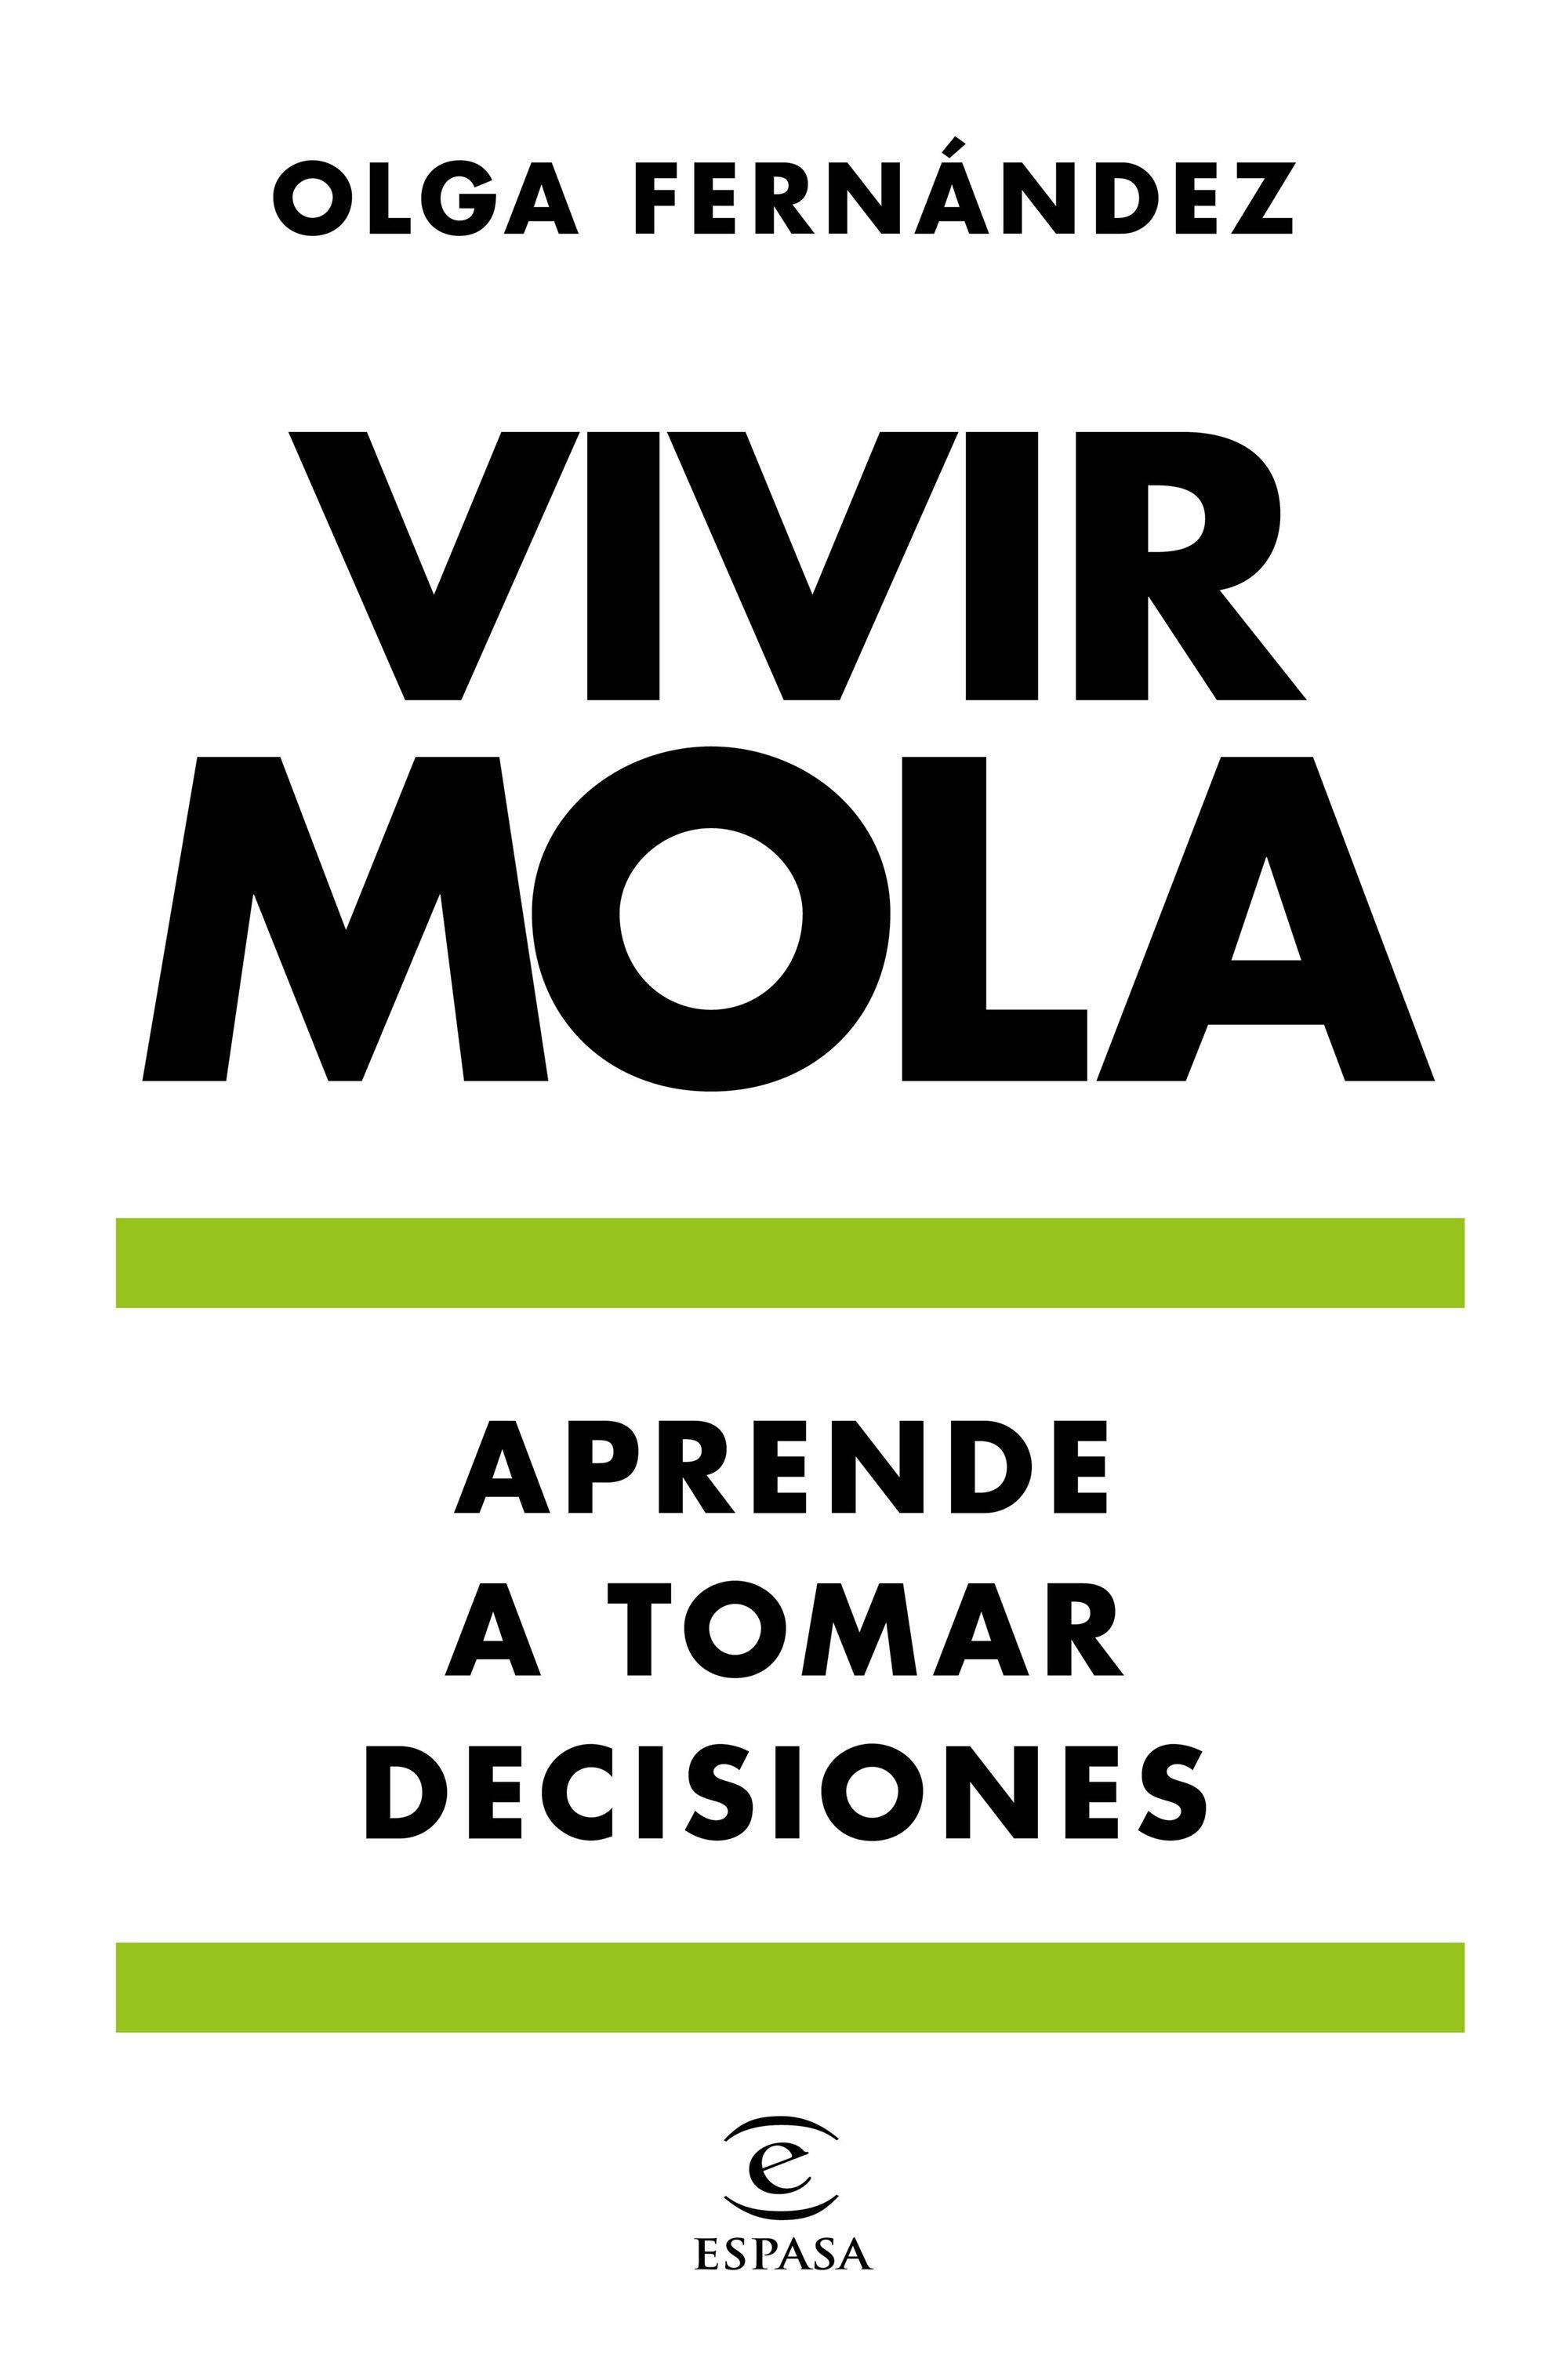 VIVIR MOLA APRENDE A TOMAR DECISIONES.